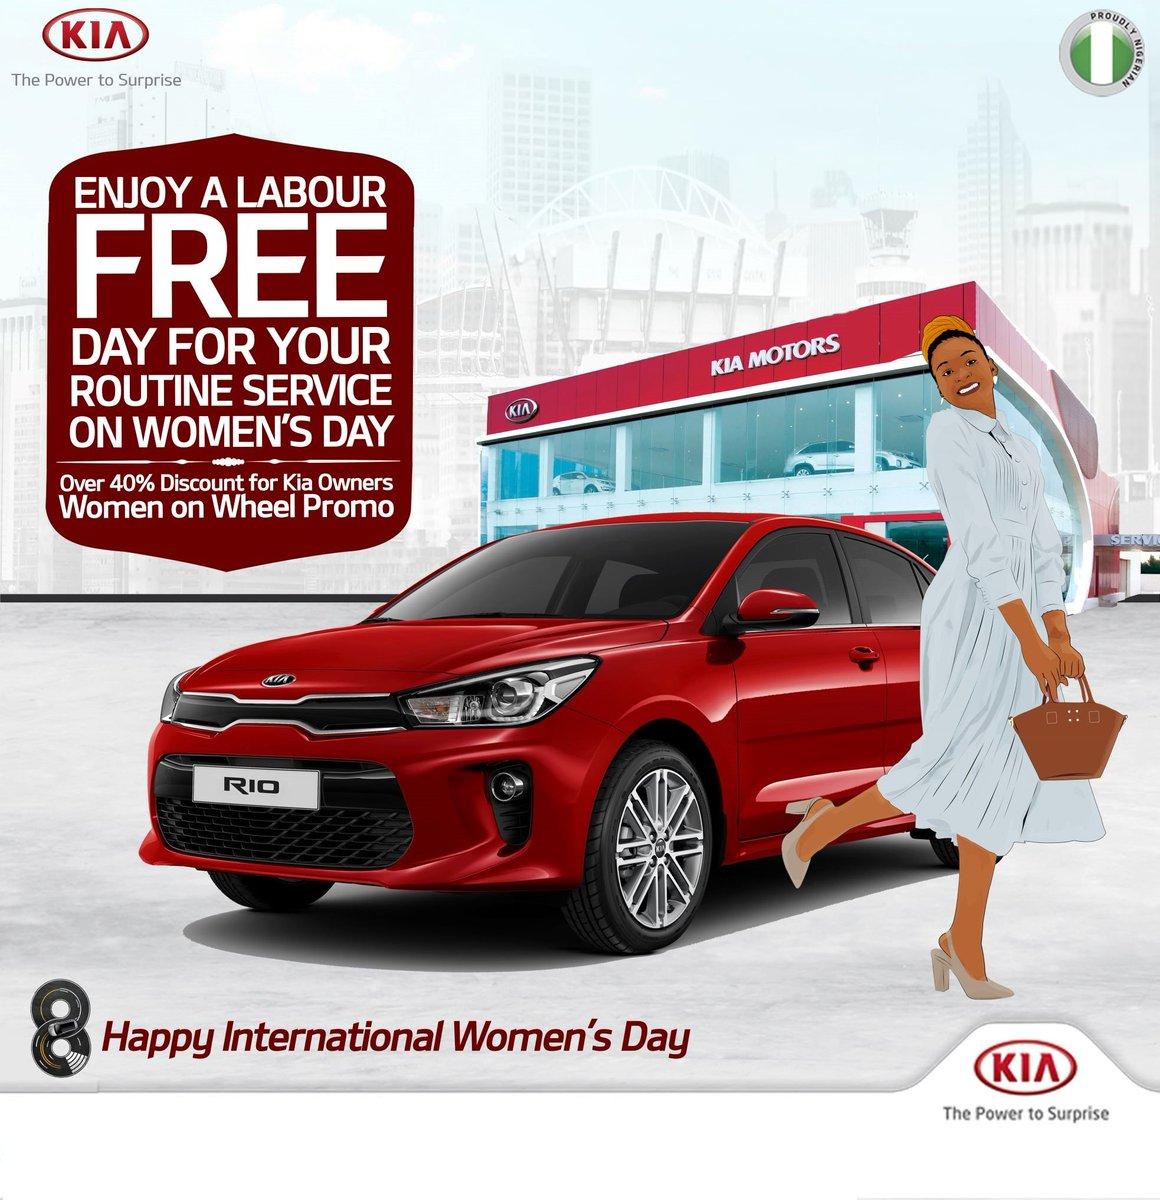 Kia Women on Wheel Promo: Enjoy a labour free day for your routine service on Women's Day